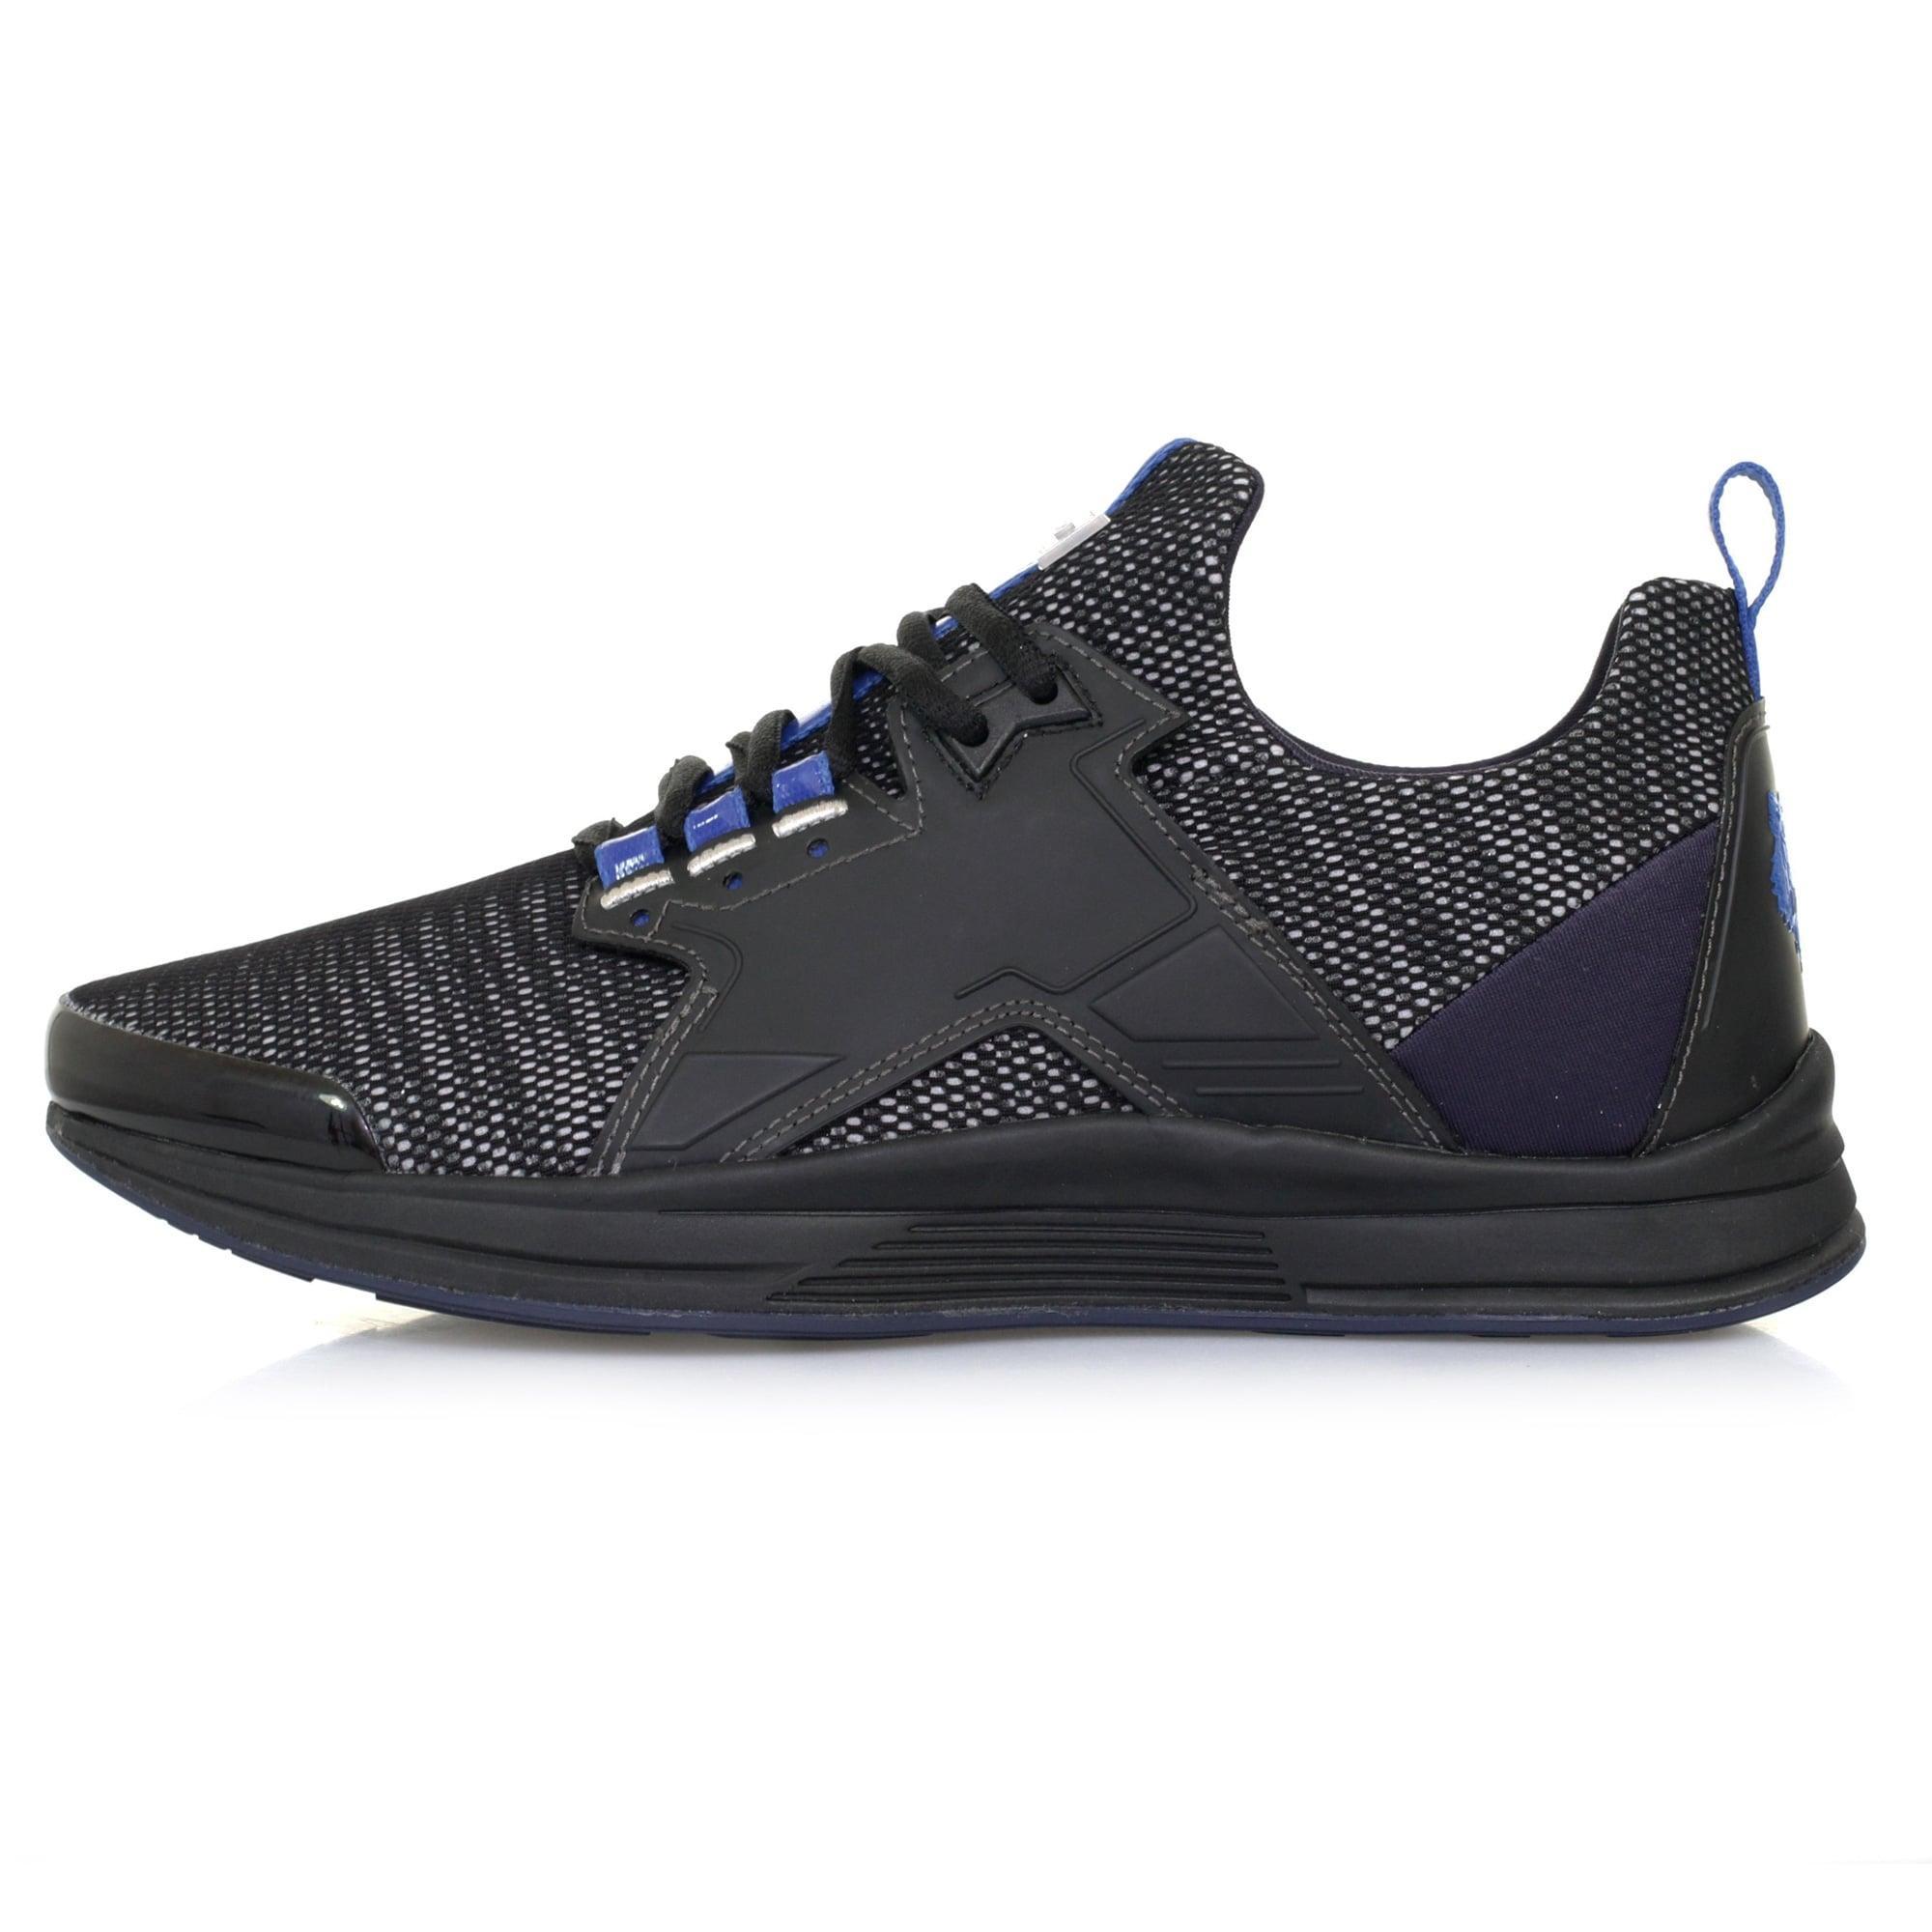 0e5c0089d033 Lyst - KENZO Ozzy E17 Mesh Black Shoe in Black for Men